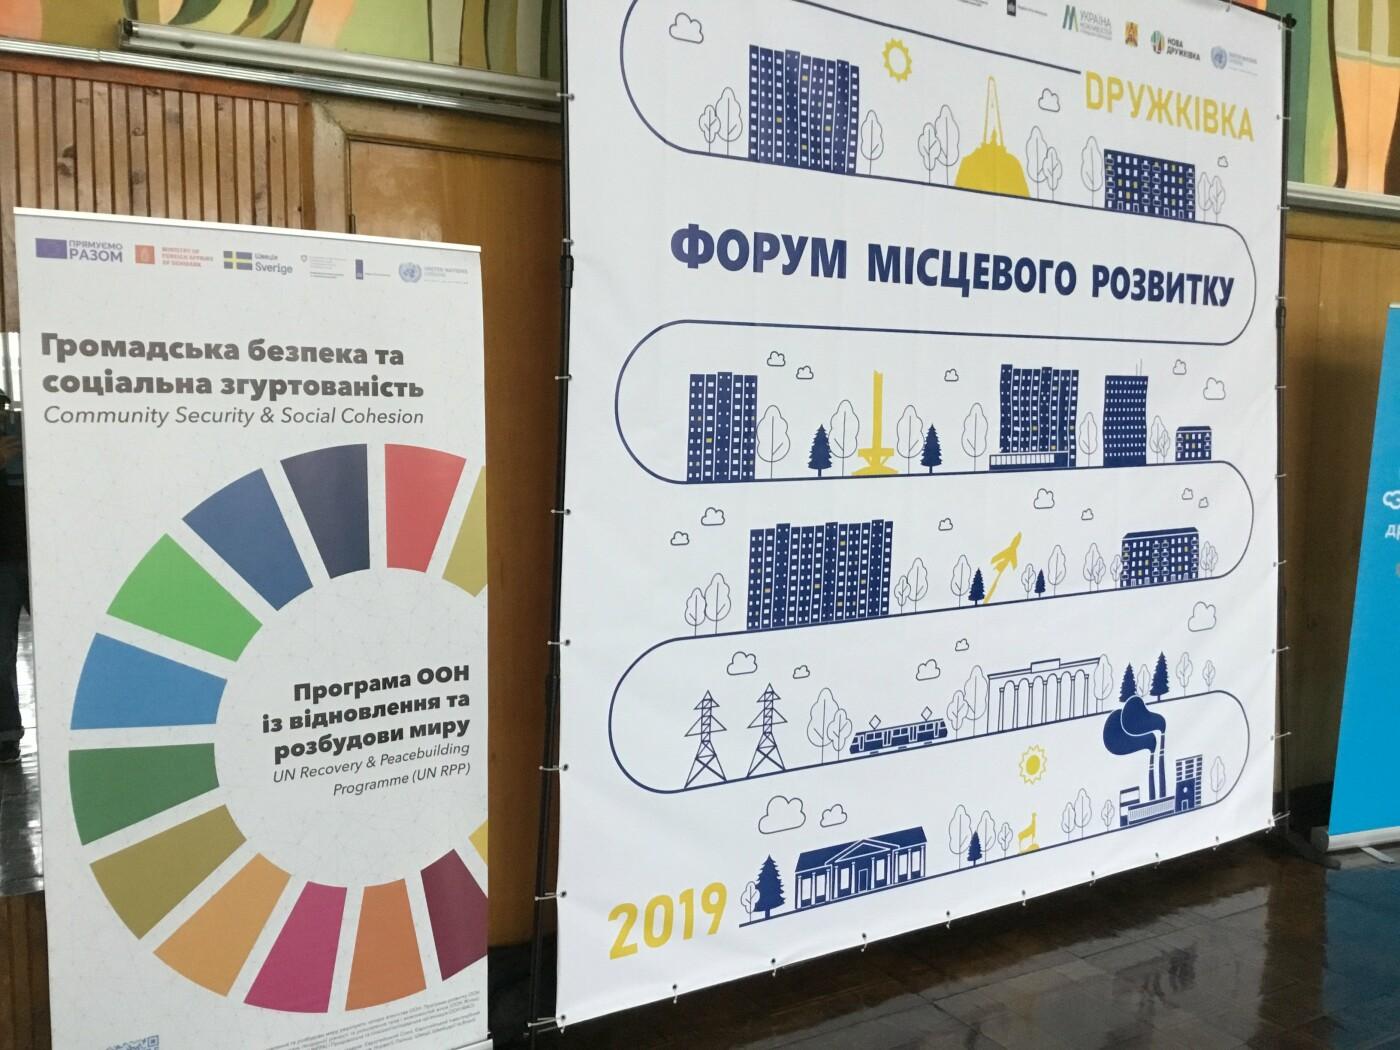 Дружківка: На Форумі місцевого розвитку пройшли плідні дискусії про майбутнє міста та громади (ФОТО), фото-7